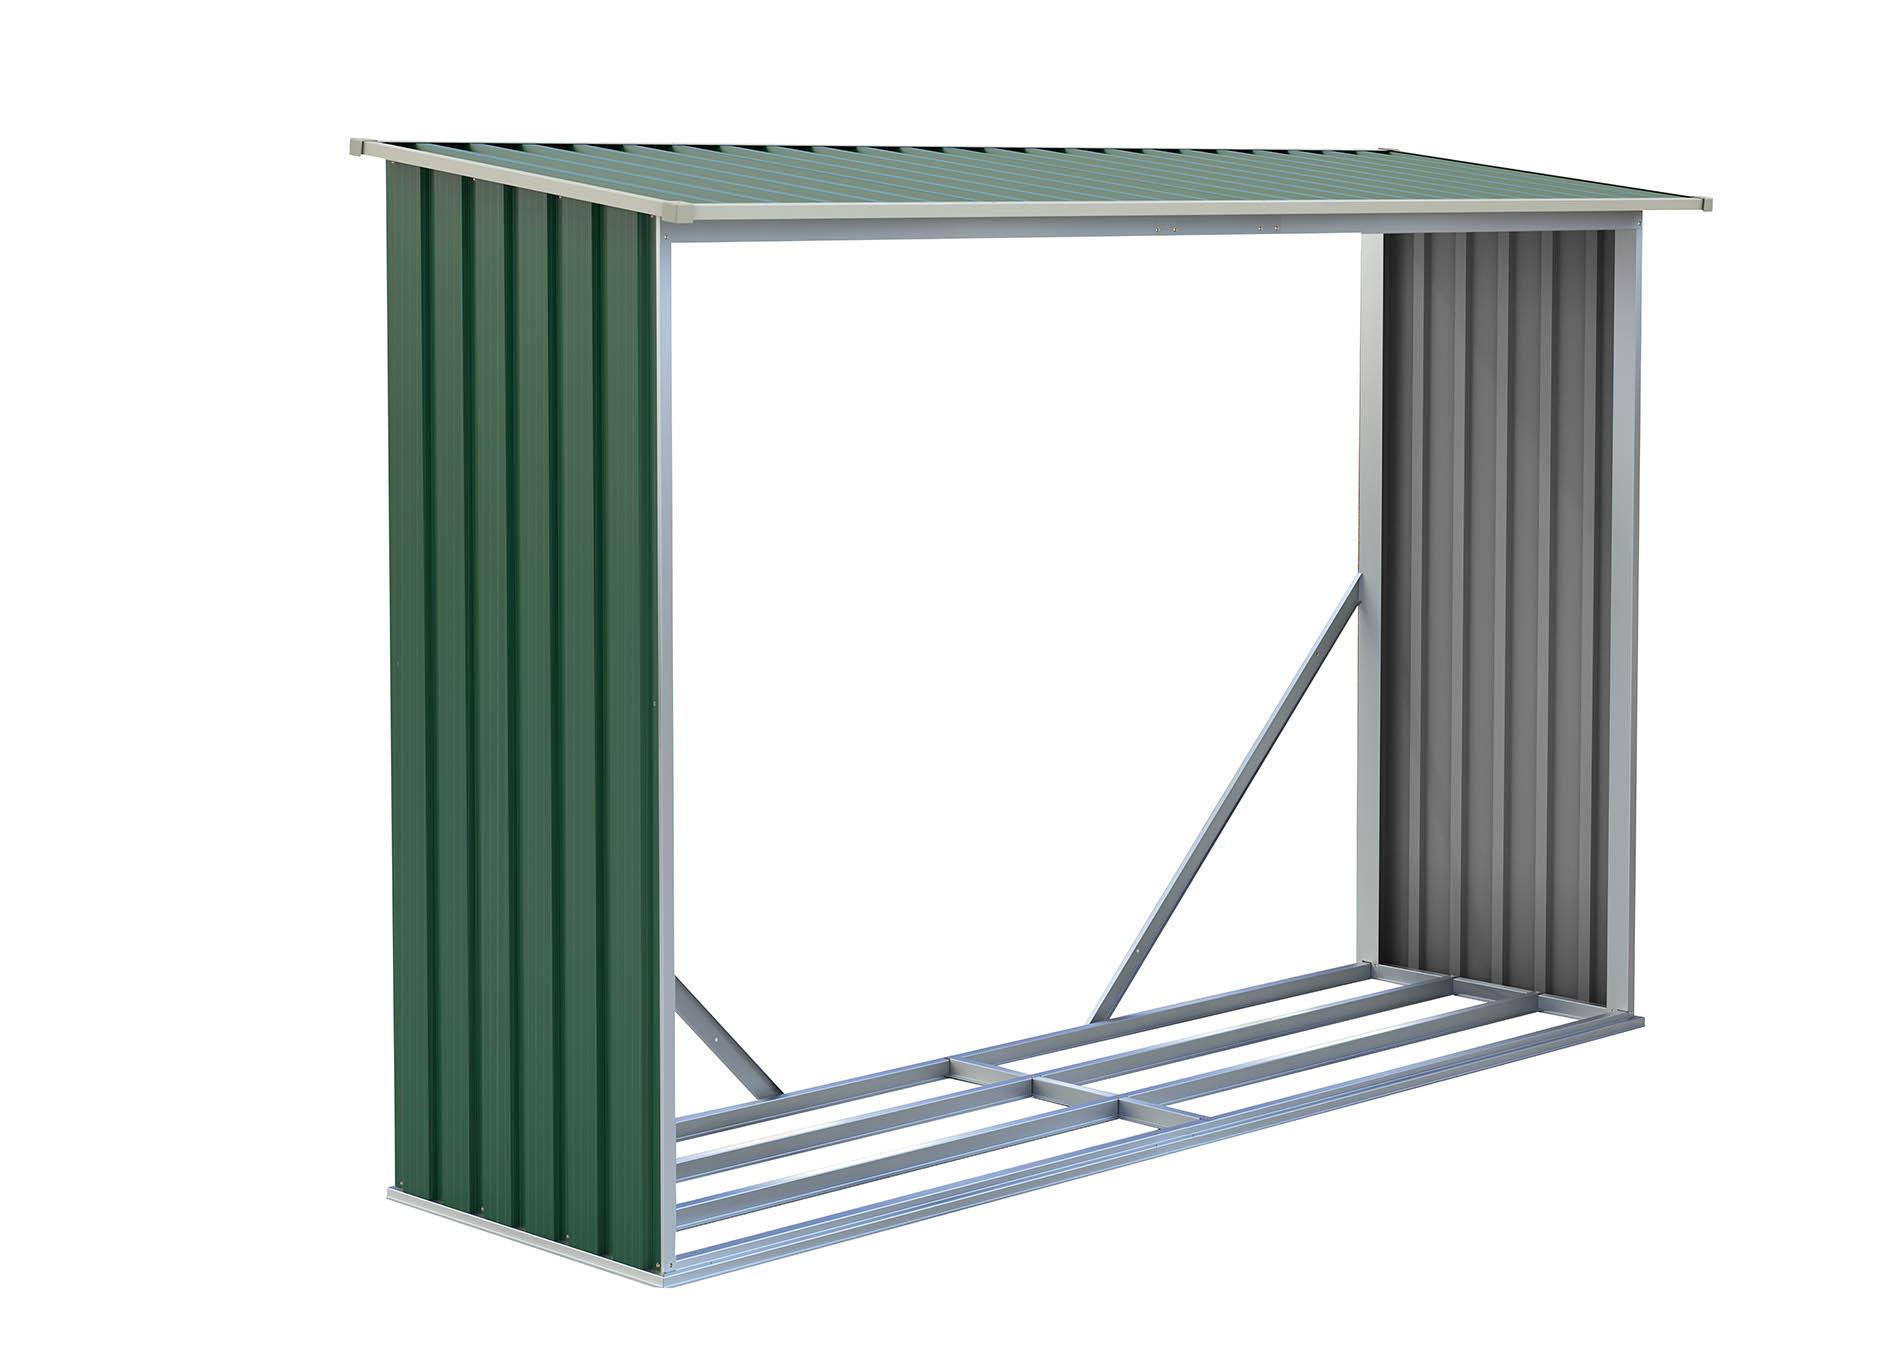 Přístřešek na dřevo G21 WOH 181 - 242 x 75 cm, zelený